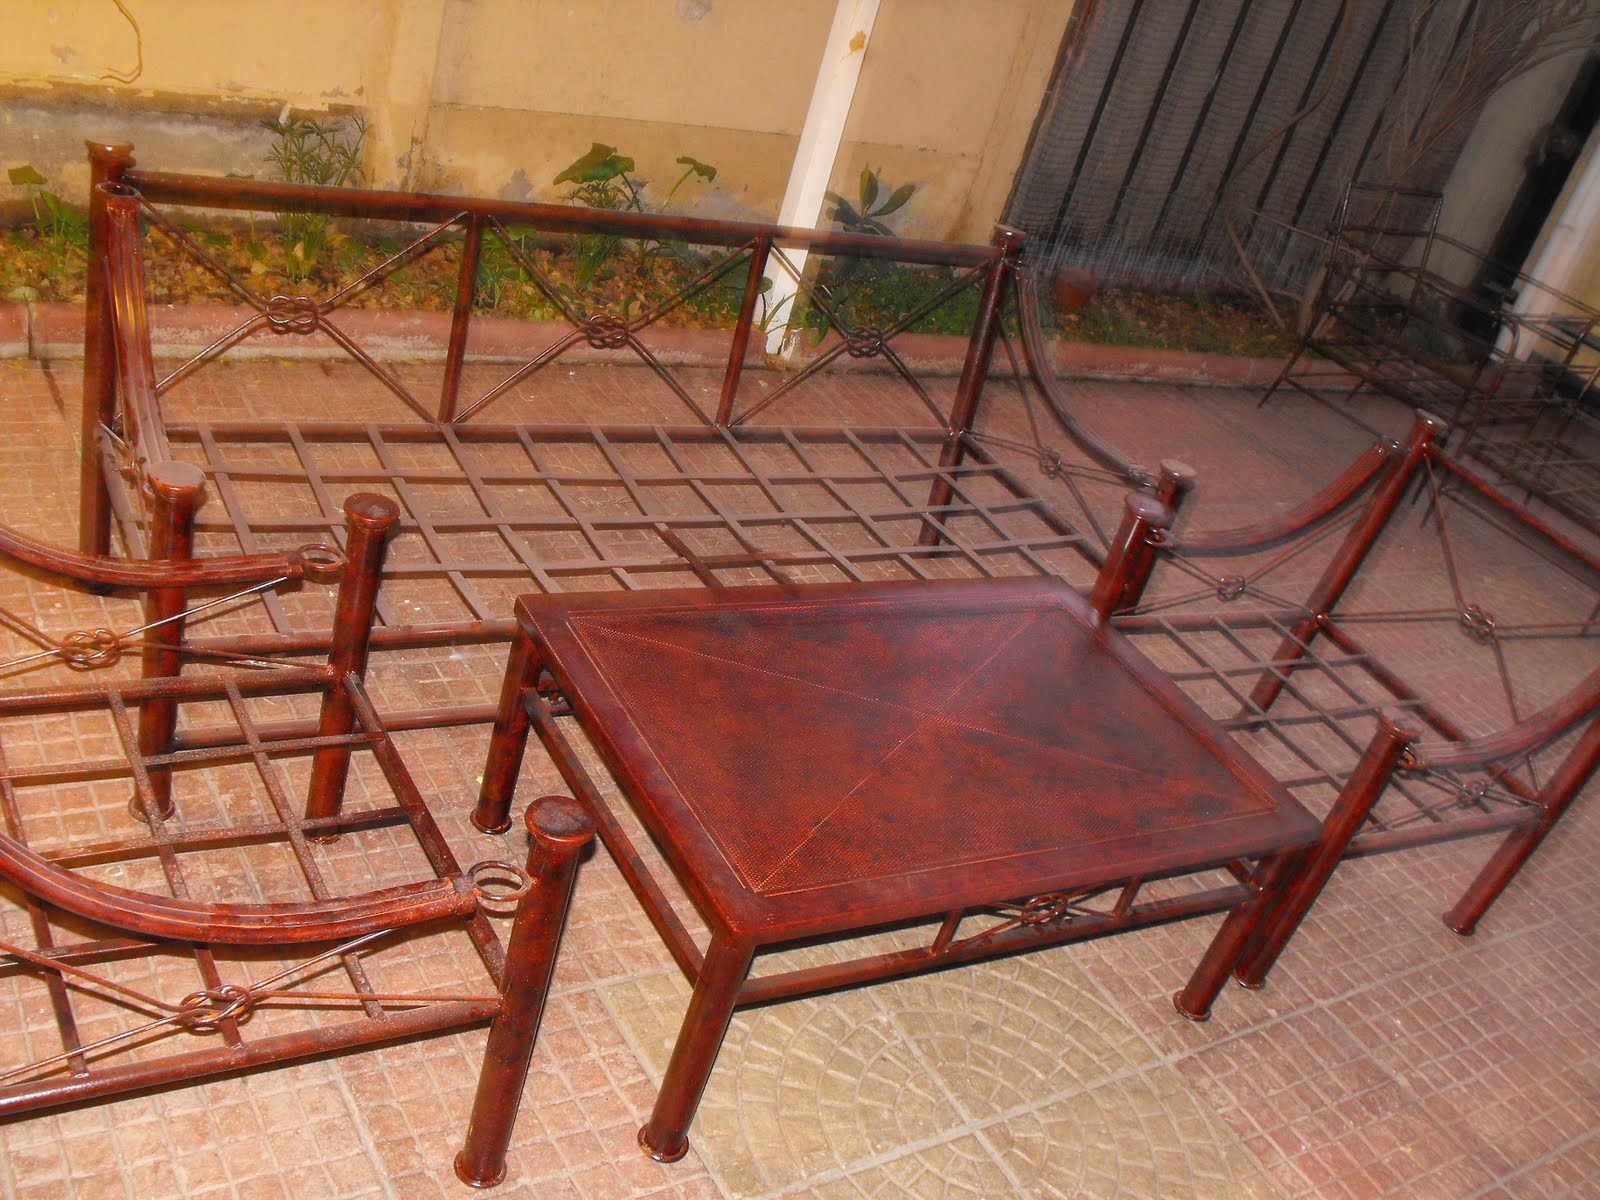 Arte terapia artemisa venta de pinturas y muebles de terraza for Artemis muebles